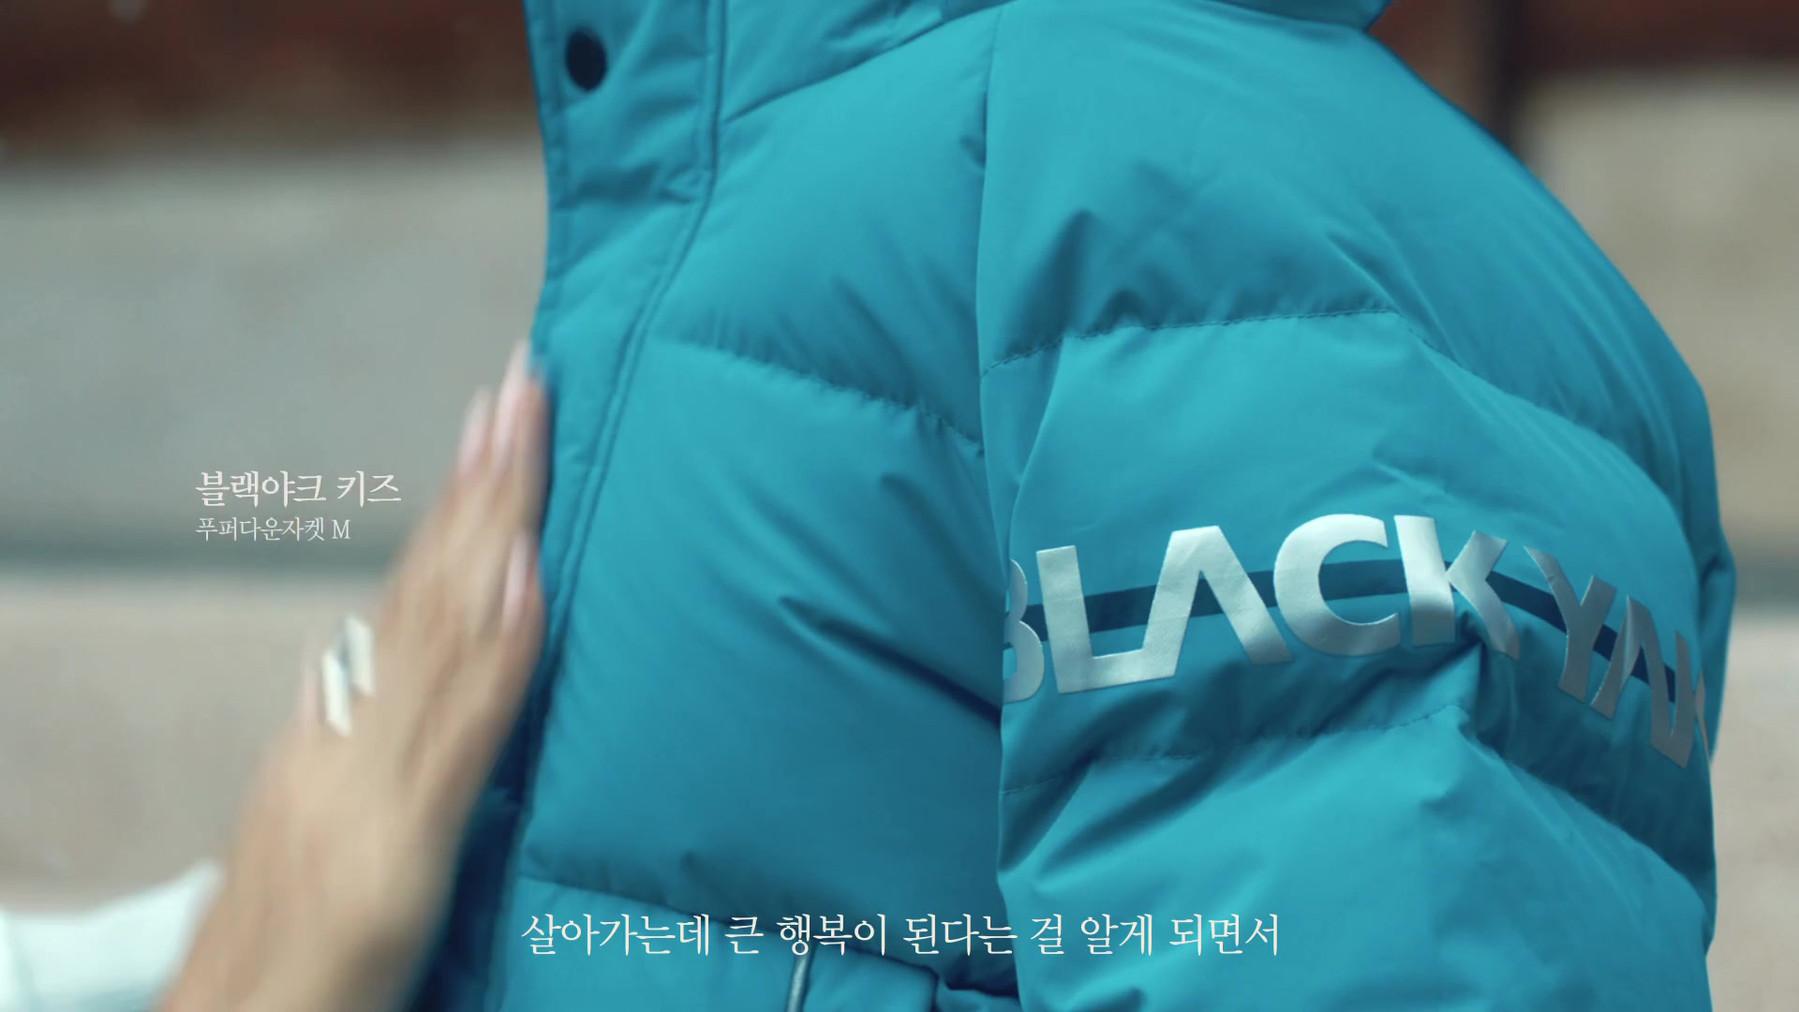 [블랙야크] 튜브라이트다운 / '가볍고 따스하게' 김나영편